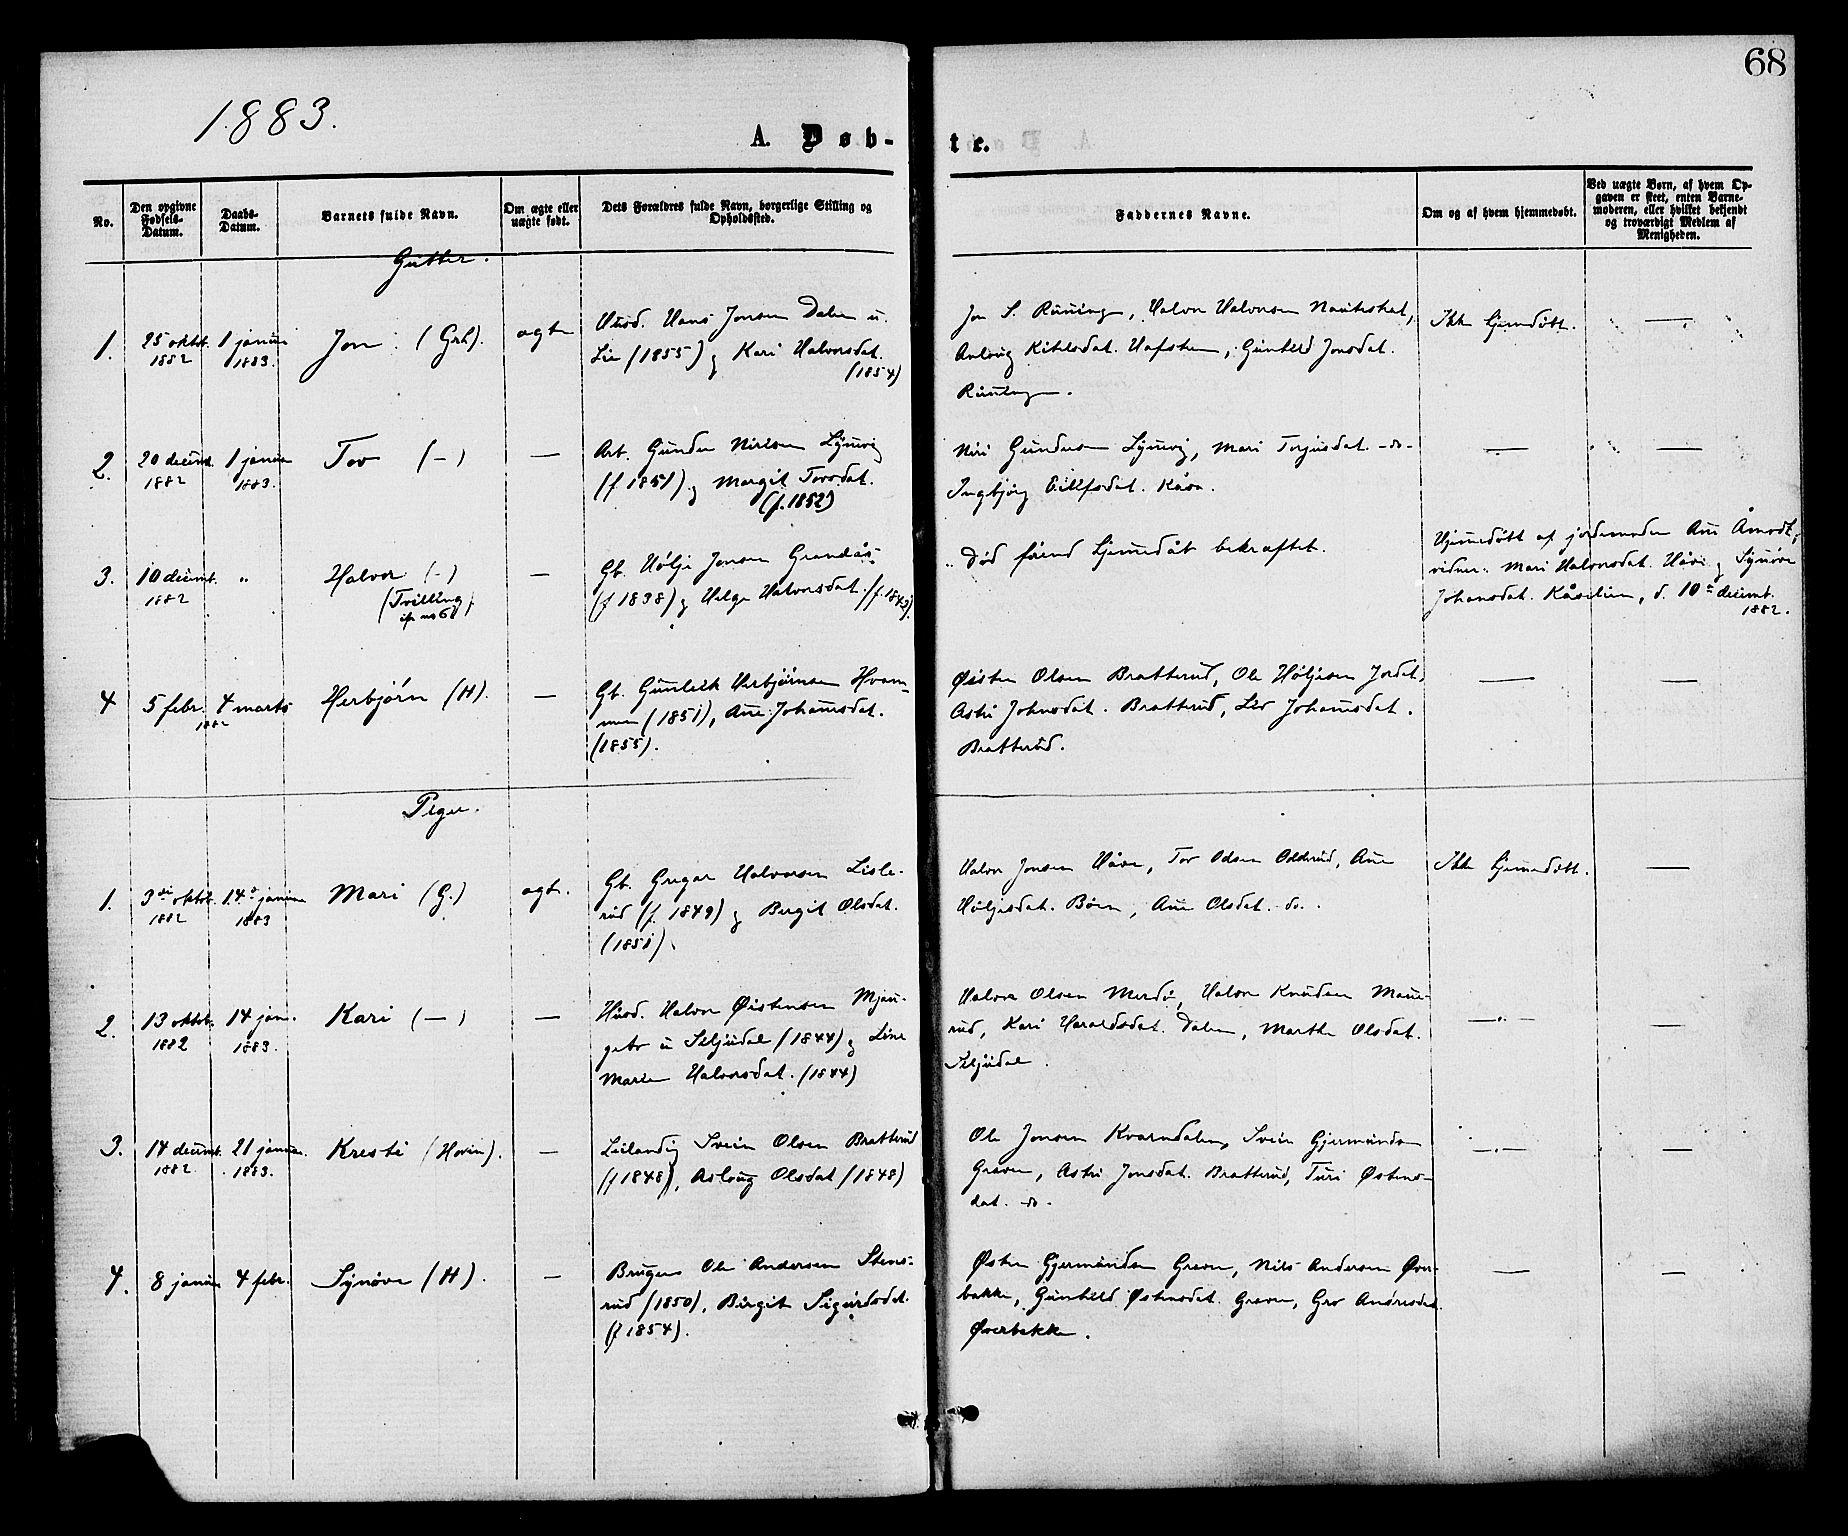 SAKO, Gransherad kirkebøker, F/Fa/L0004: Ministerialbok nr. I 4, 1871-1886, s. 68